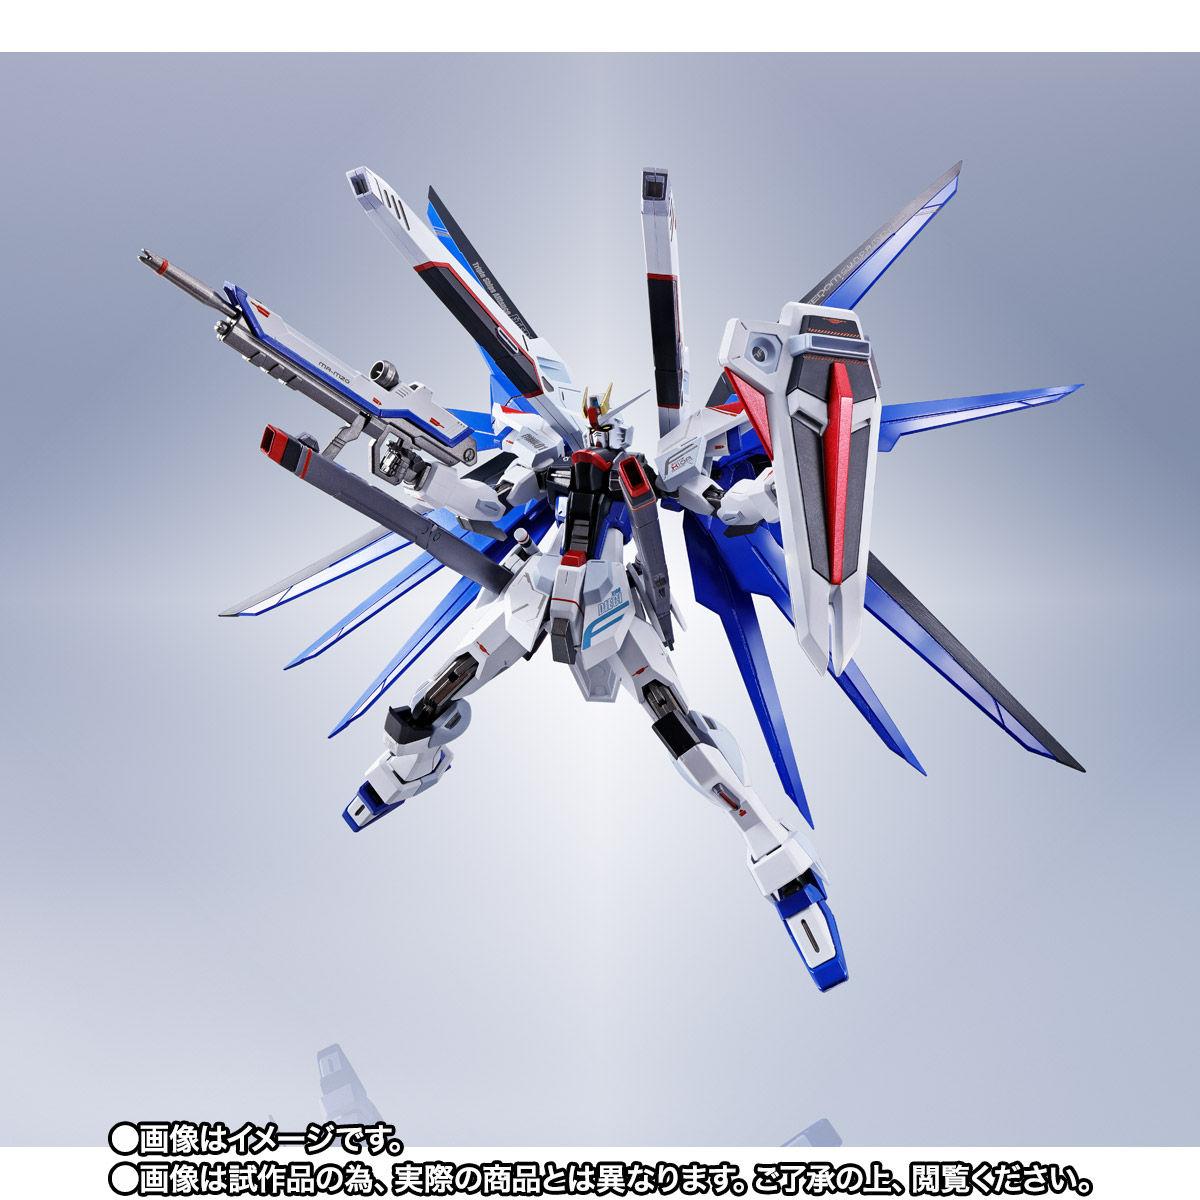 【限定販売】【再販】METAL ROBOT魂〈SIDE MS〉『フリーダムガンダム』ガンダムSEED 可動フィギュア-010